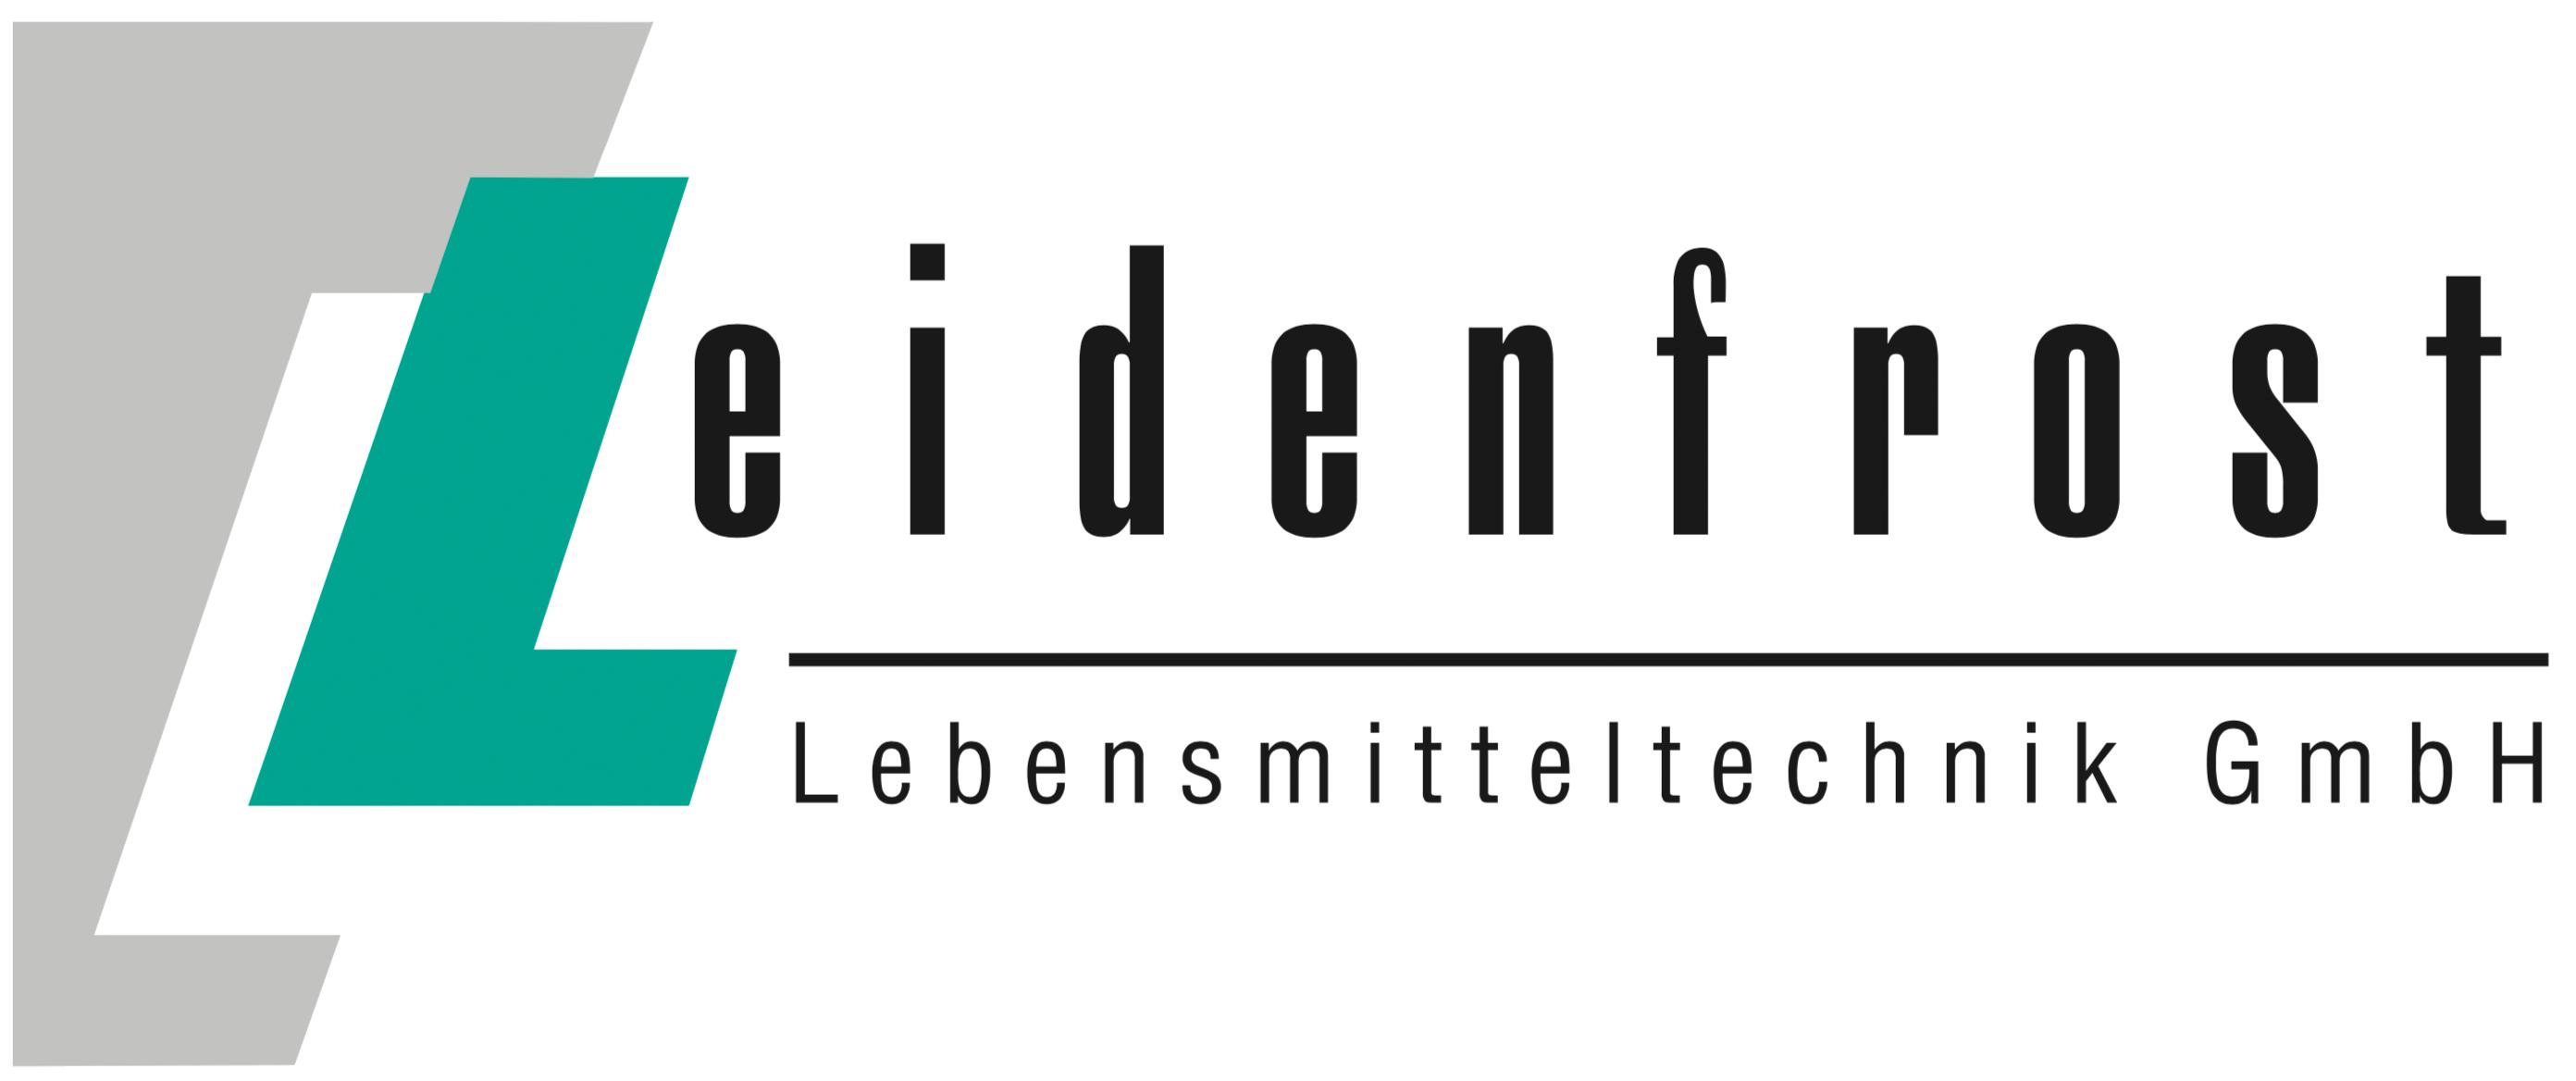 Leidenfrost Lebensmitteltechnik GmbH | Neumaschinen und Gebrauchtmaschinen für die Fleischverarbeitung aus Hartkirchen in Oberösterreich, Großküchen, Gastronomie, Gewerbe und Industrie